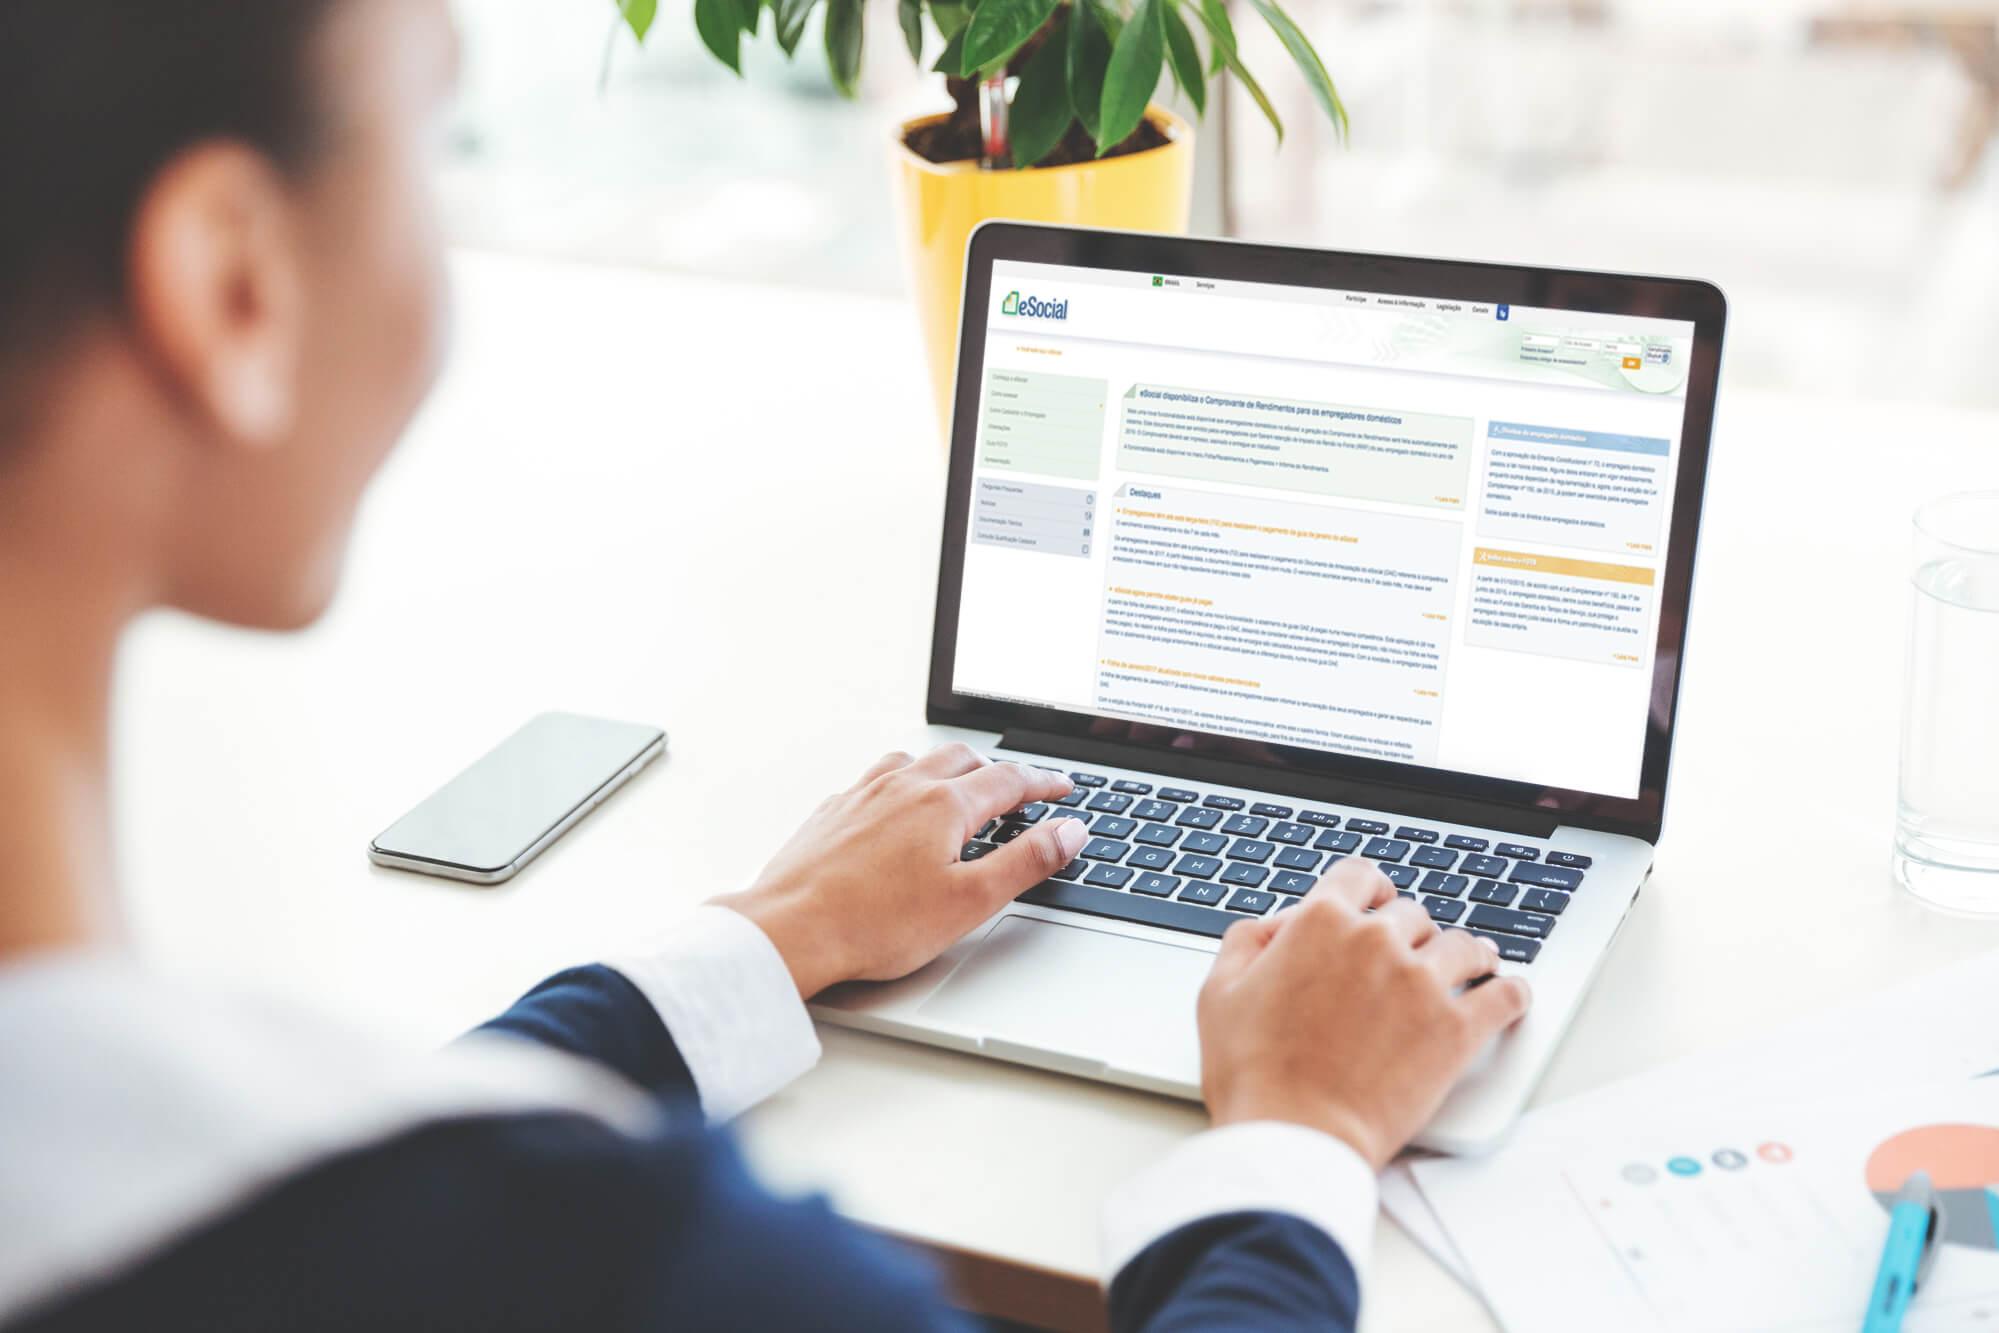 Certificado Digital Para ESocial: Entenda A Obrigatoriedade